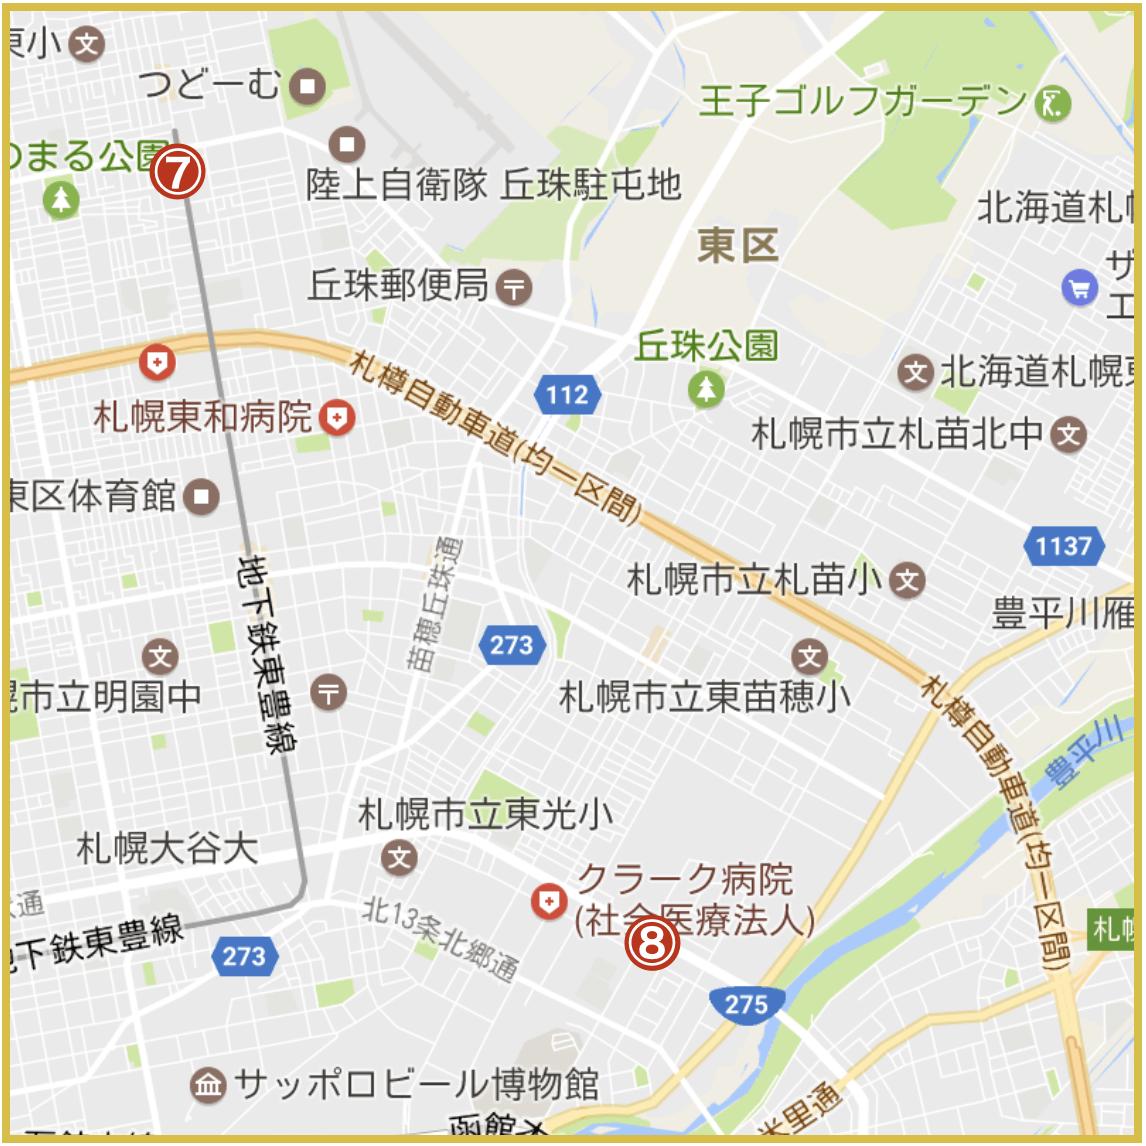 札幌市東区にあるプロミス店舗・ATMの位置